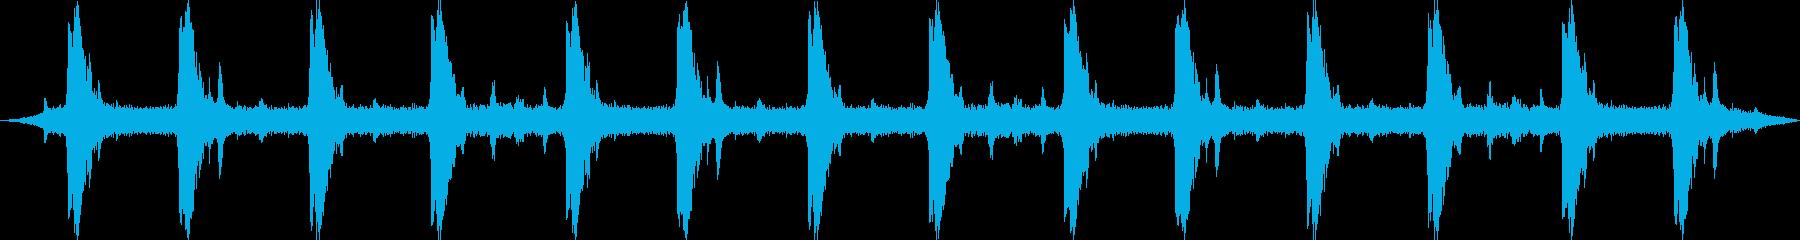 大型工業用せん断機:ランニング、ヘ...の再生済みの波形